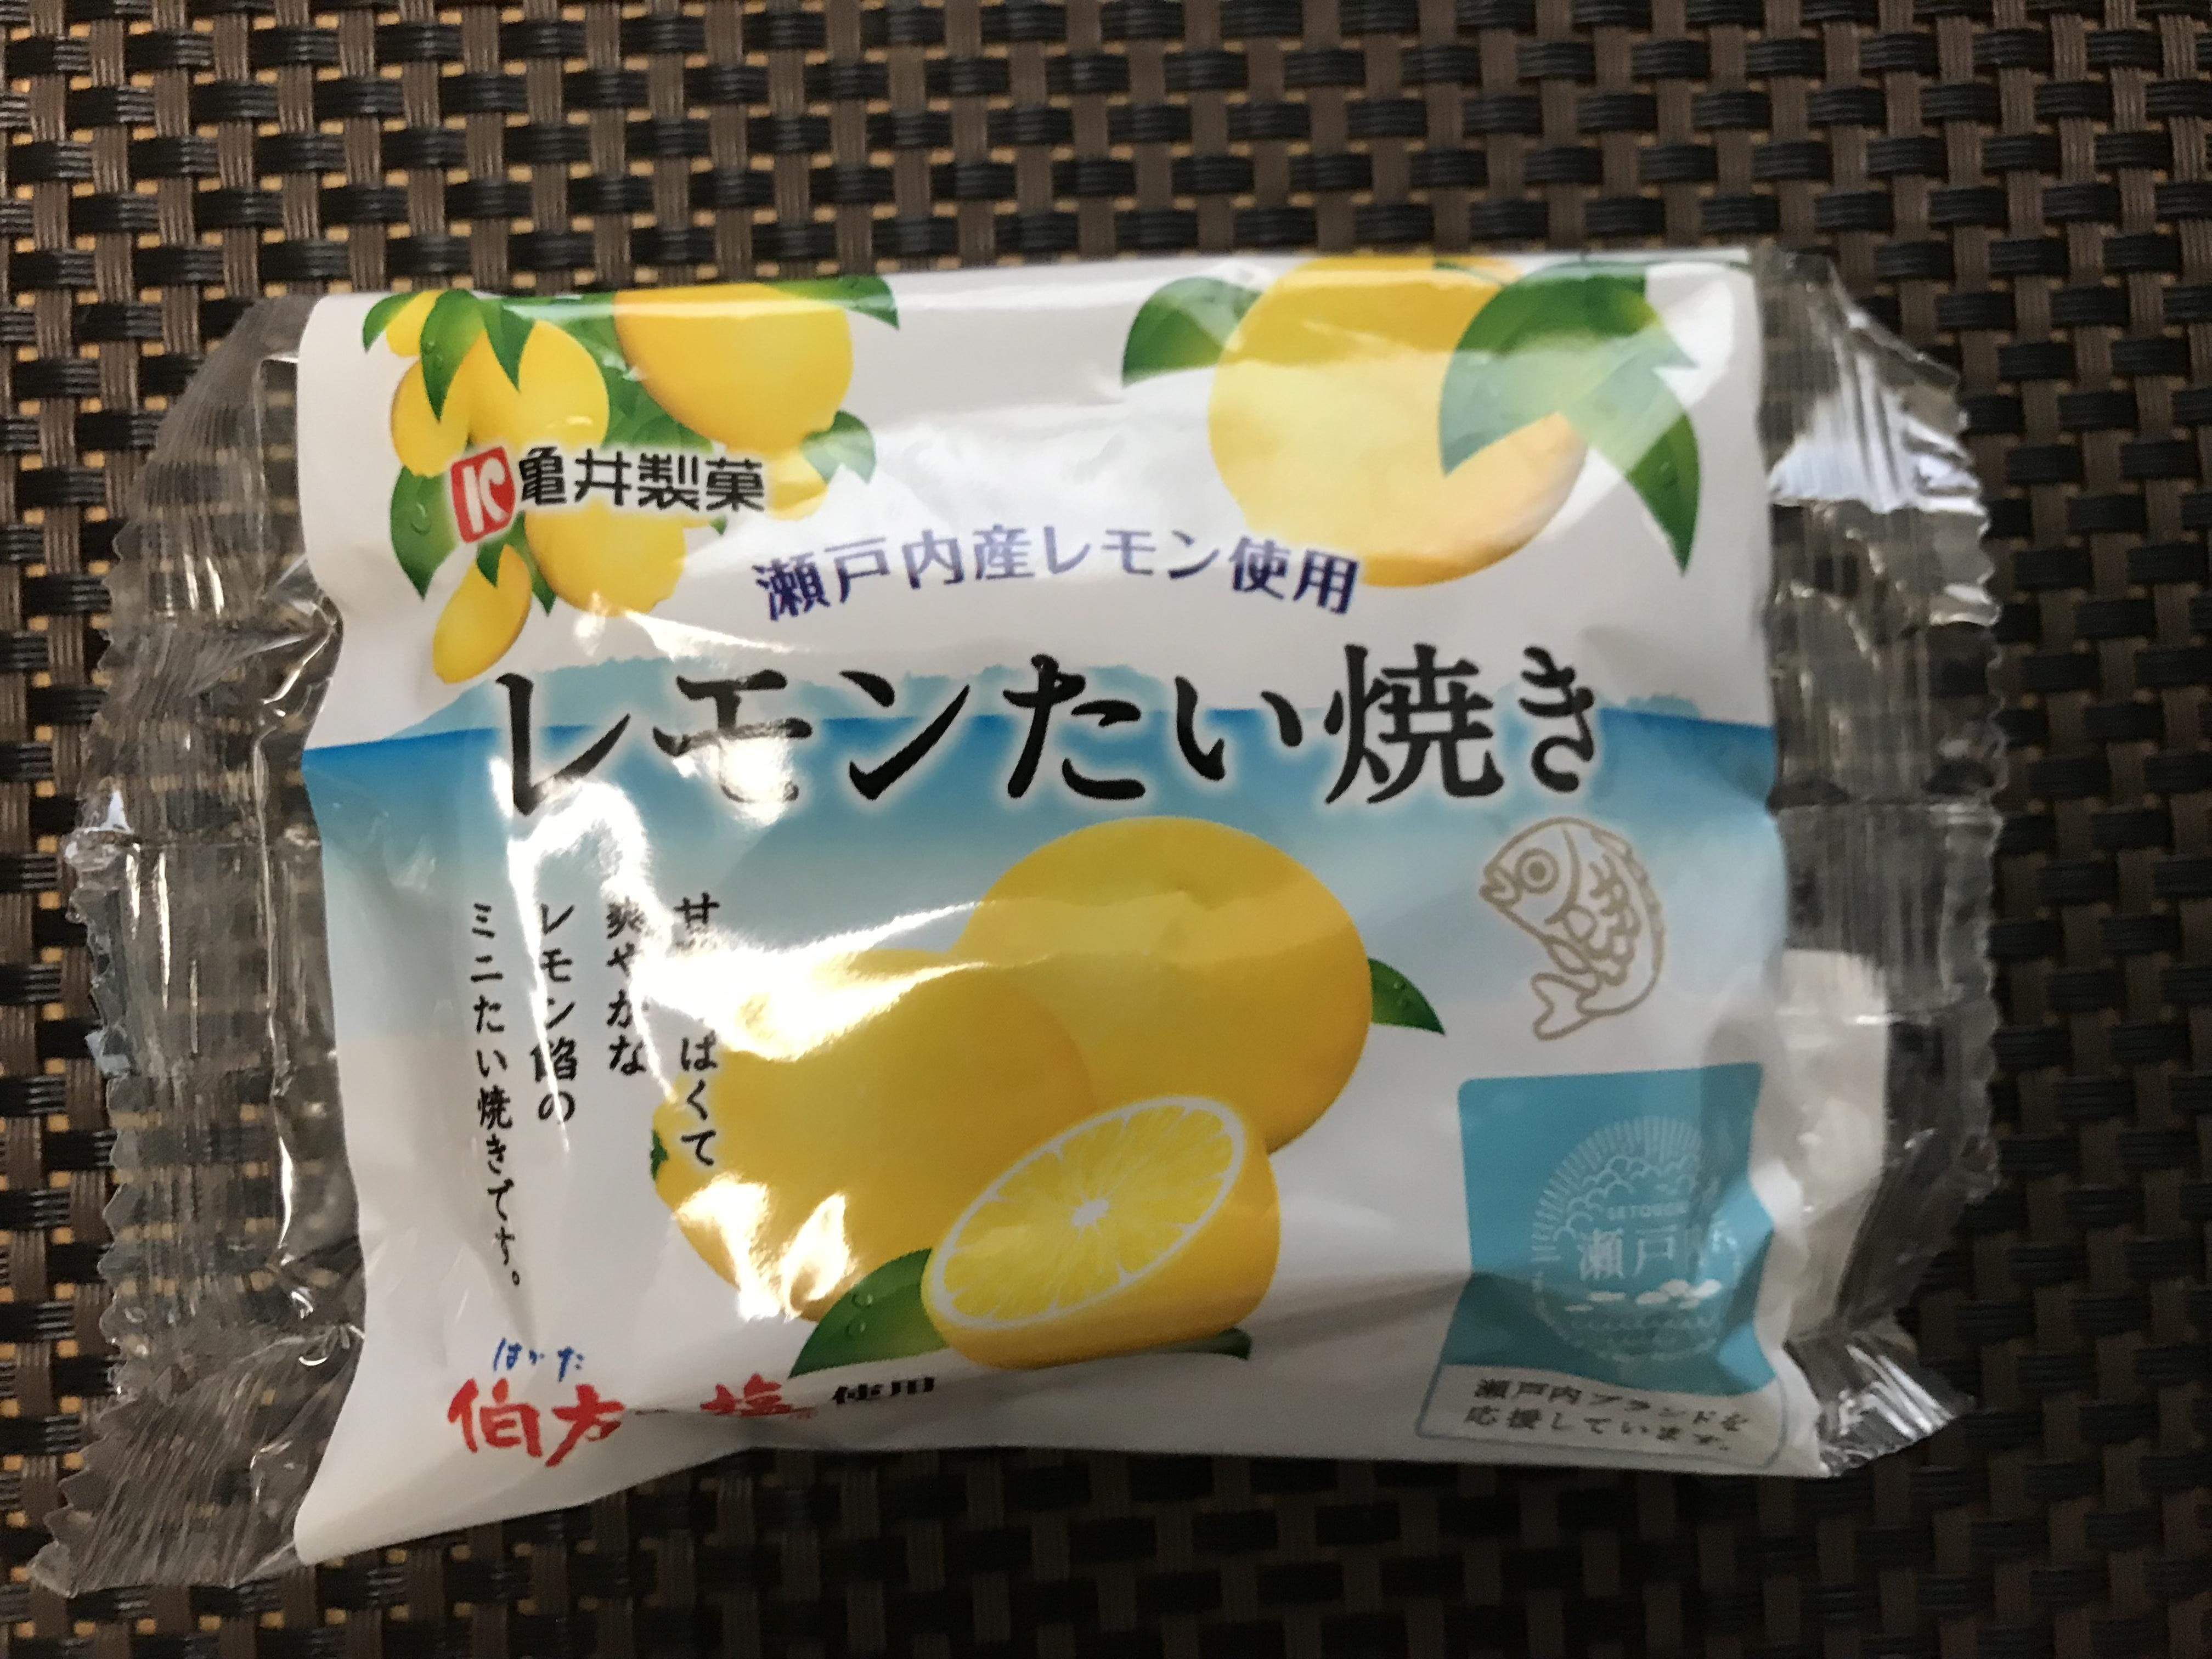 かわいいお土産に!瀬戸内産レモン&伯方の塩を使用した亀井製菓の「レモンたい焼き」を買ってみたよ!